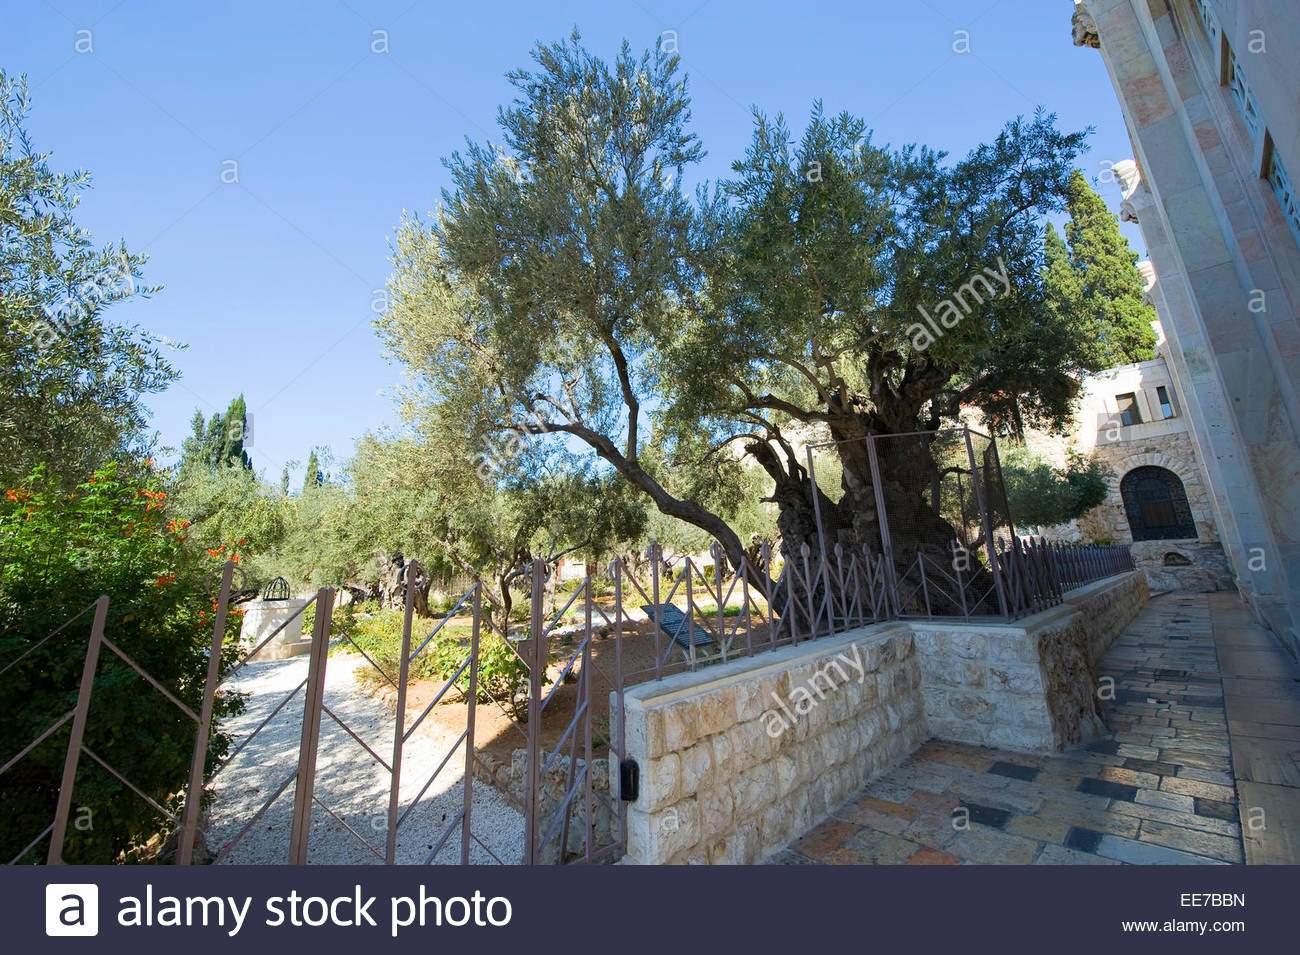 alte olivenbaume im garten semani am olberg in jerusalem der garten hsemane befindet sich neben der kirche ee7bbn